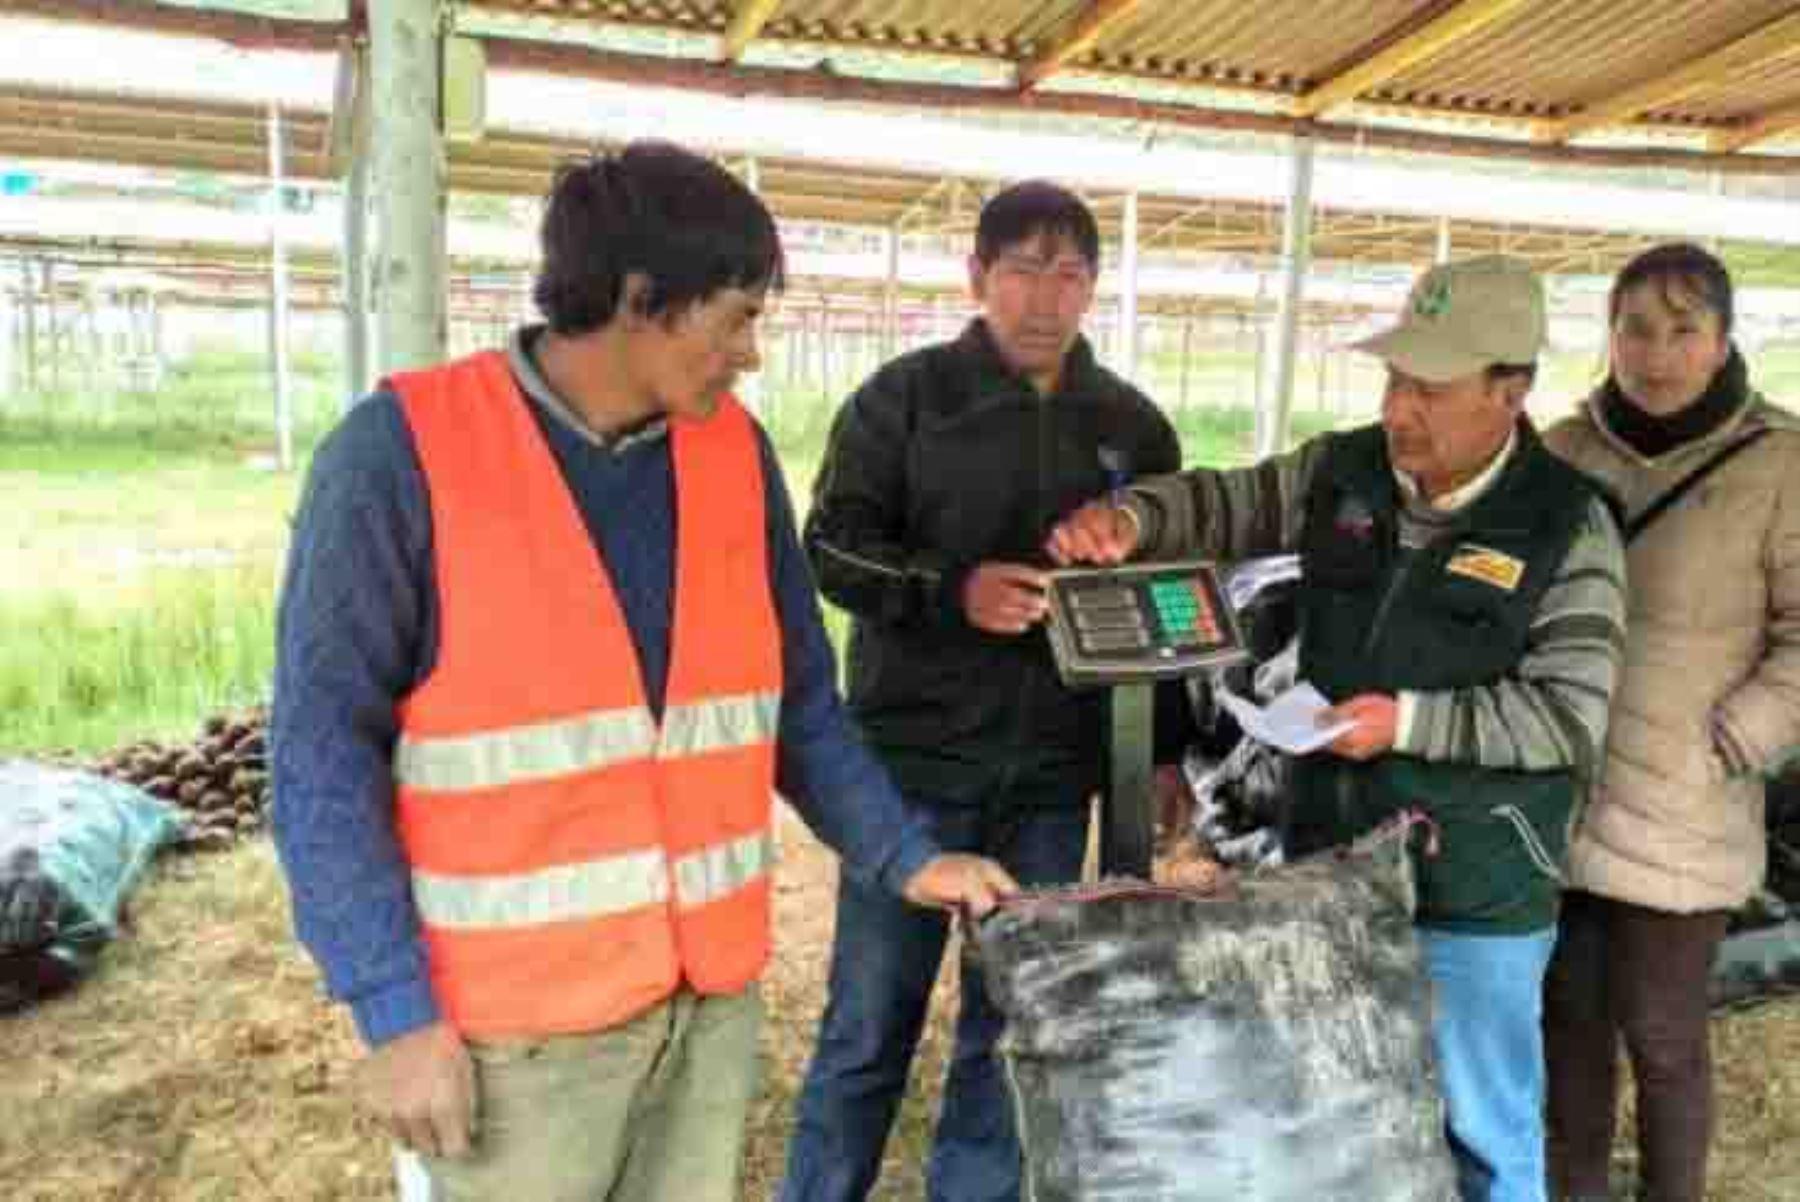 Como parte de los acuerdos suscritos por el Ministerio de Agricultura y Riego (Minagri) y las principales organizaciones de productores de la región, hoy se inició la adquisición de las primeras 1,500 toneladas de papa blanca a un precio de un sol el kilogramo.